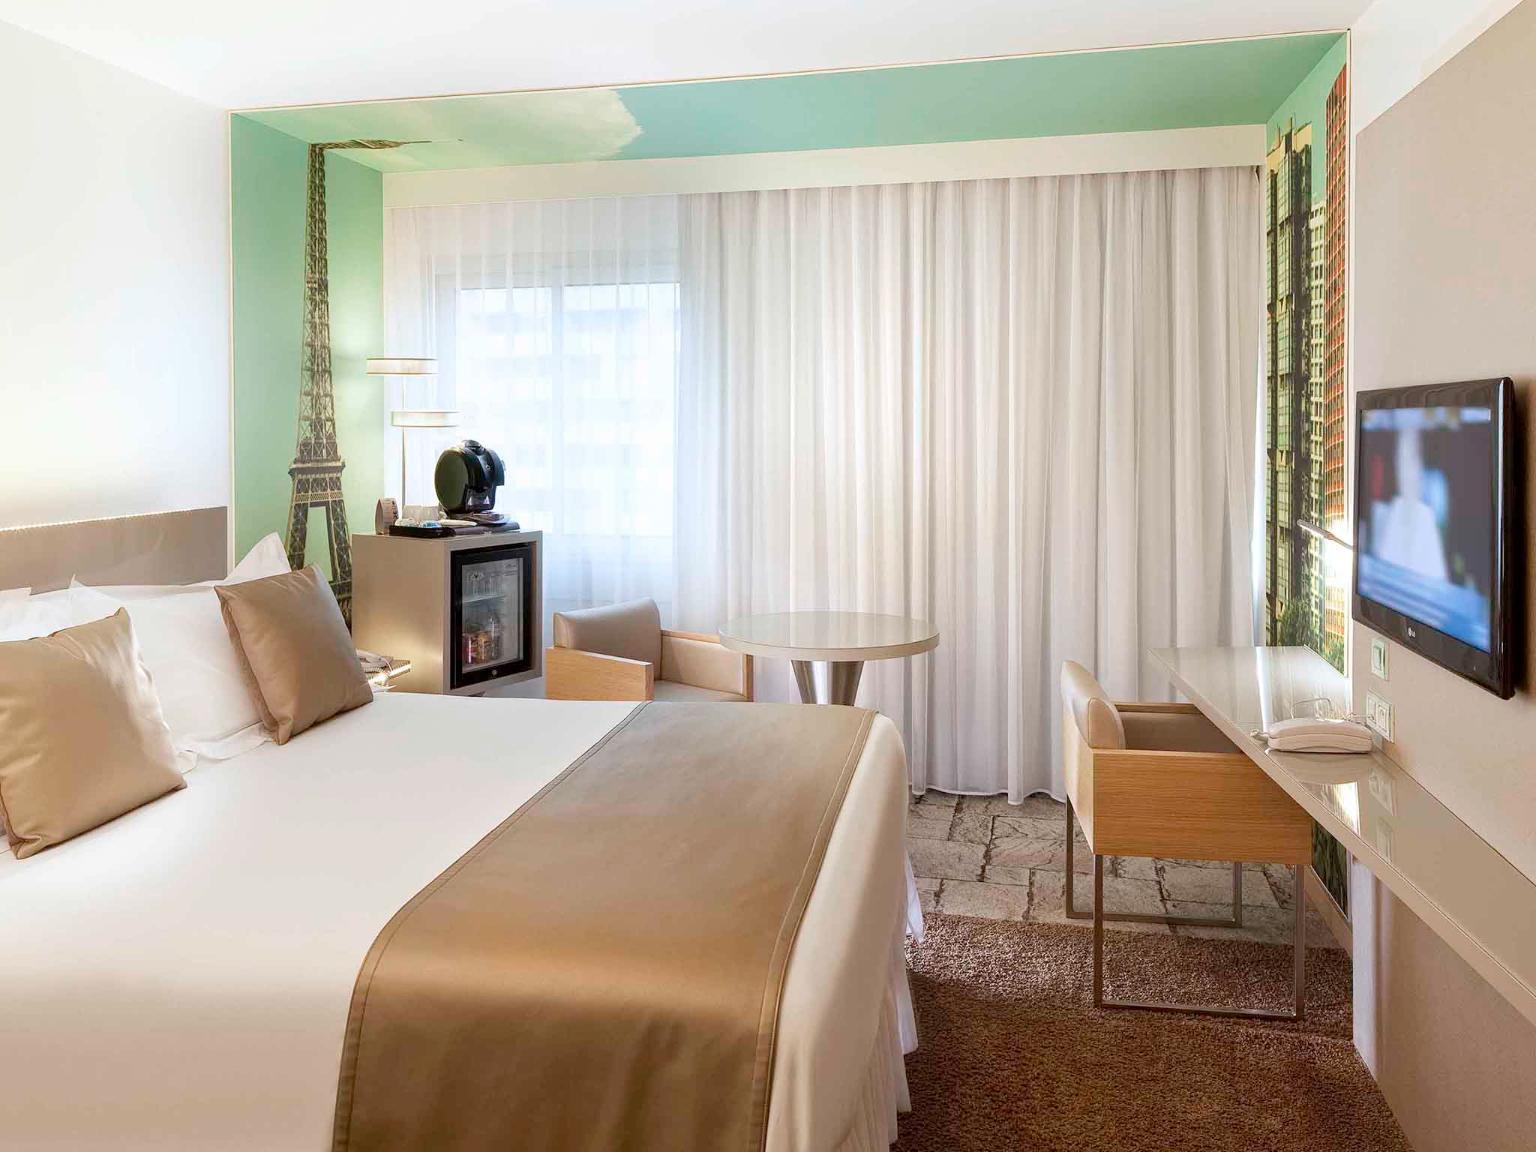 H tel mercure paris vaugirard porte de versailles h tel - Auriane porte de versailles hotel paris ...